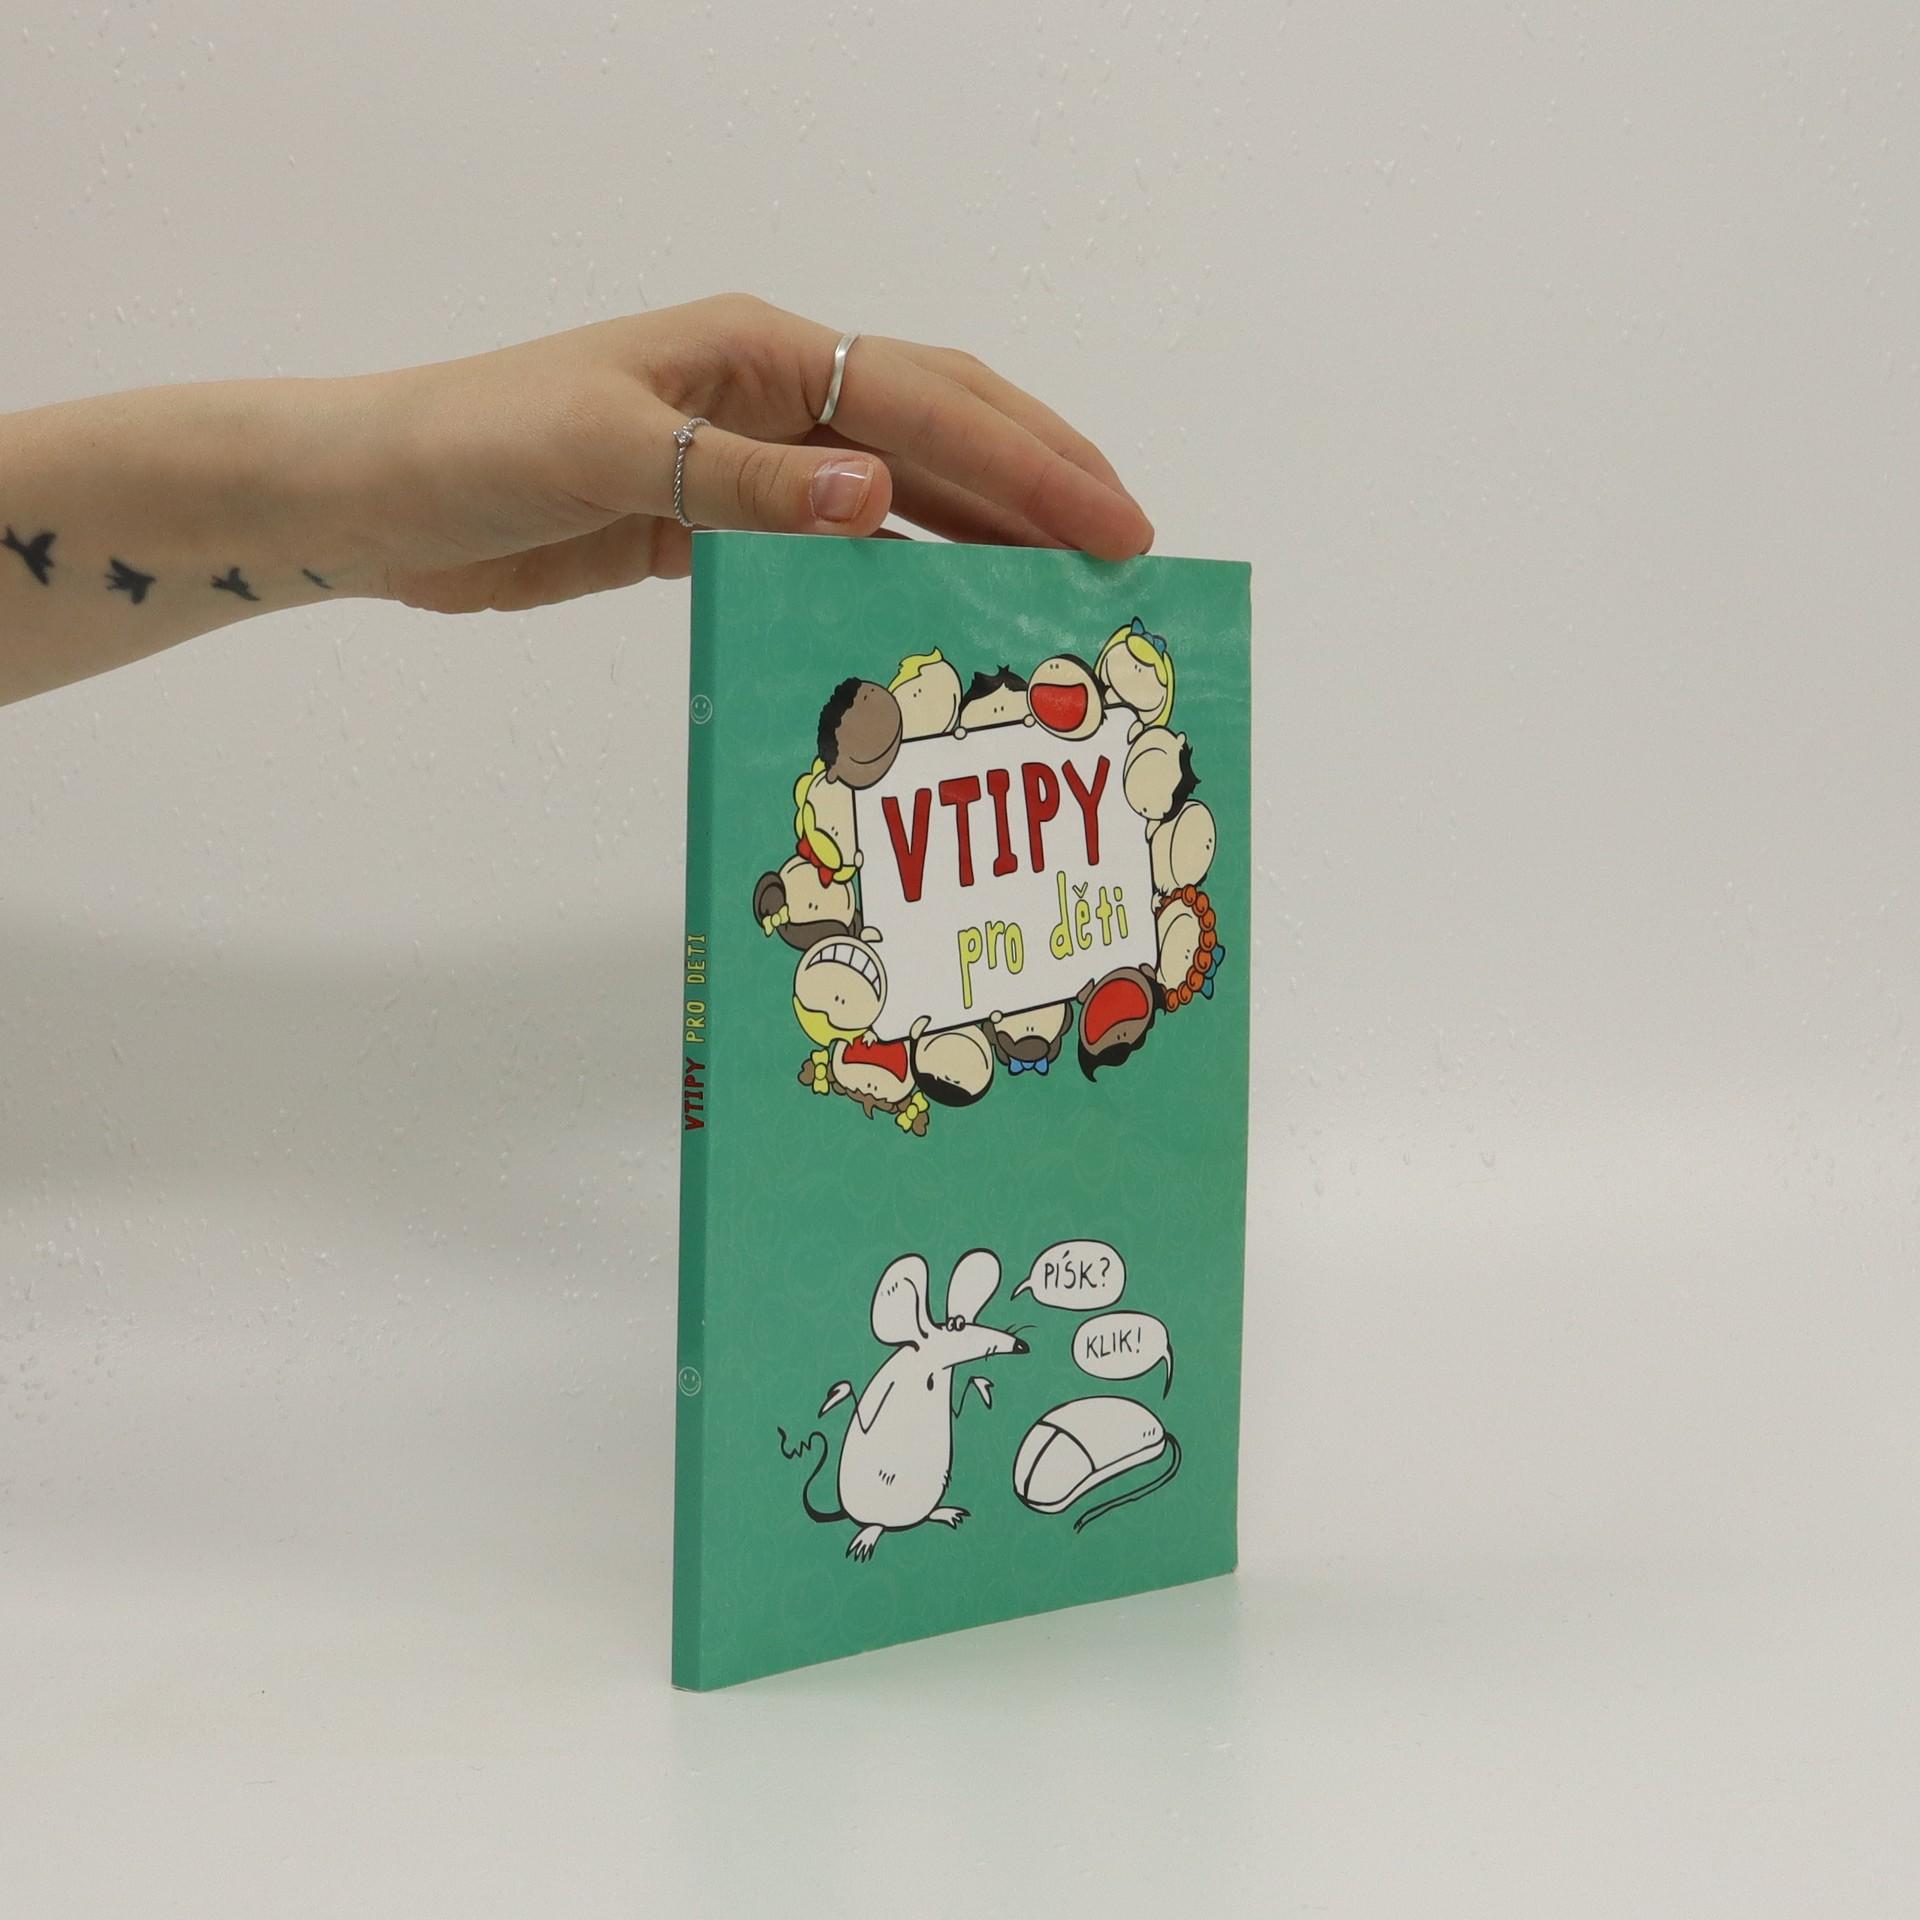 antikvární kniha Vtipy pro děti, 2018